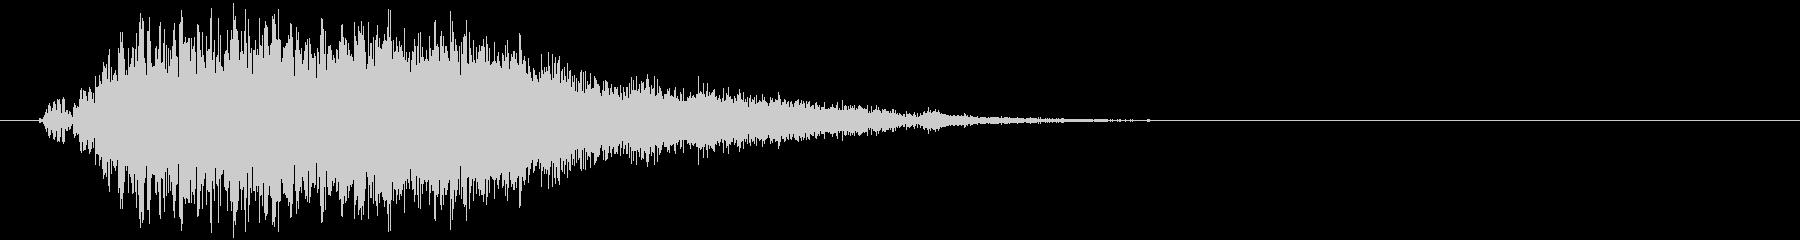 大型メタルクラッシュメタルインパクトの未再生の波形